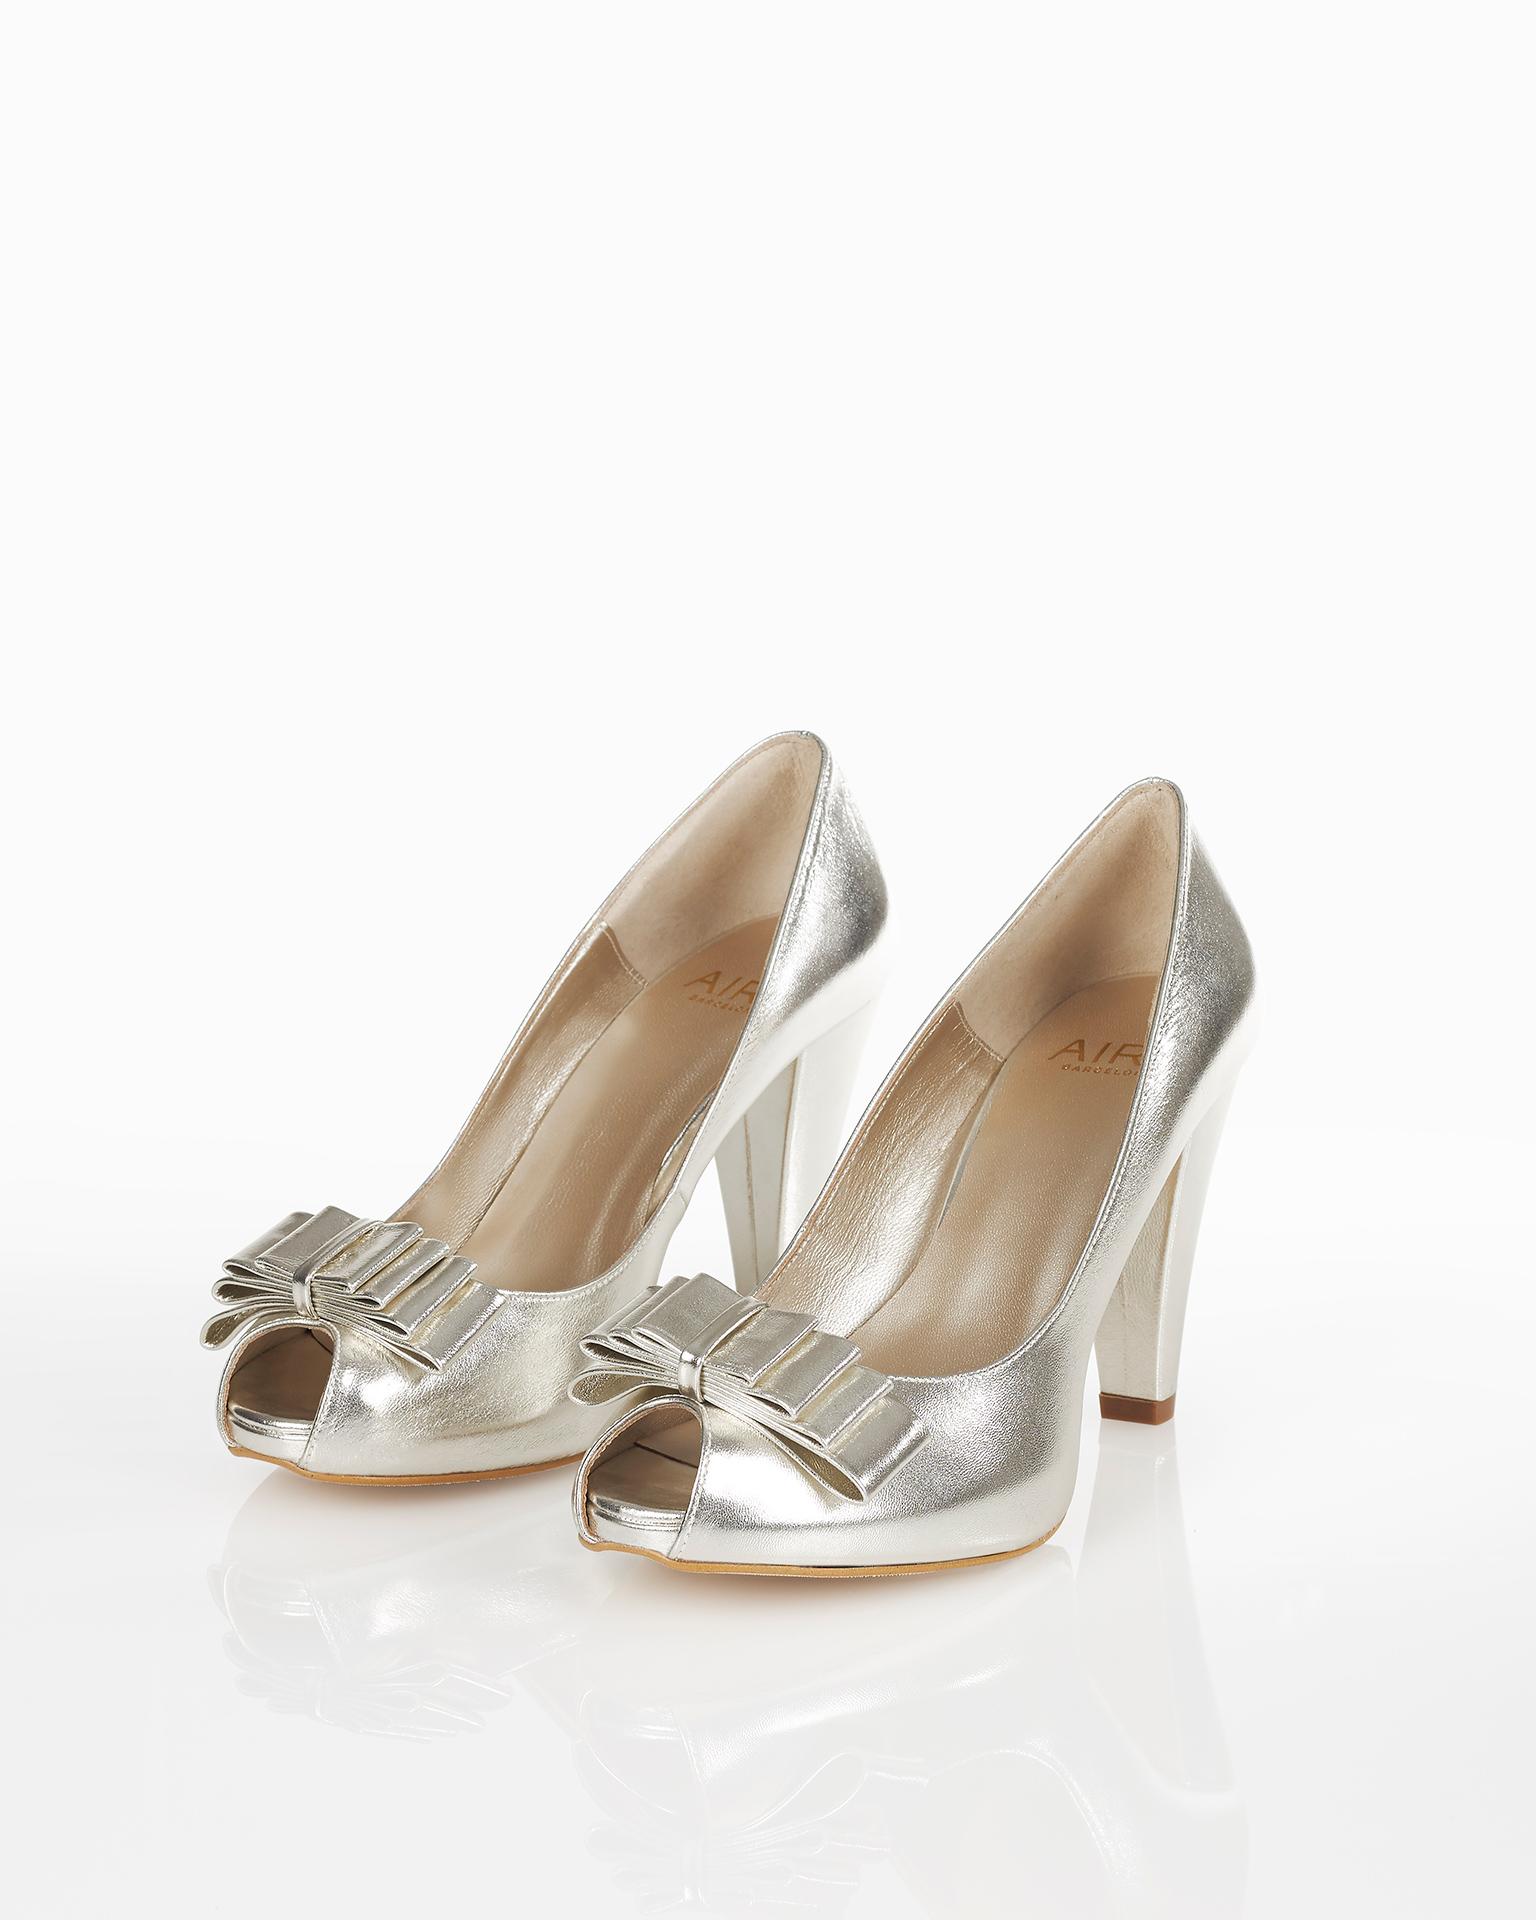 .2018 مجموعة فساتين FIESTA AIRE BARCELONA حذاء من الجلد ذو كعب 85 مم. متوفر باللون الذهبي والرملي.